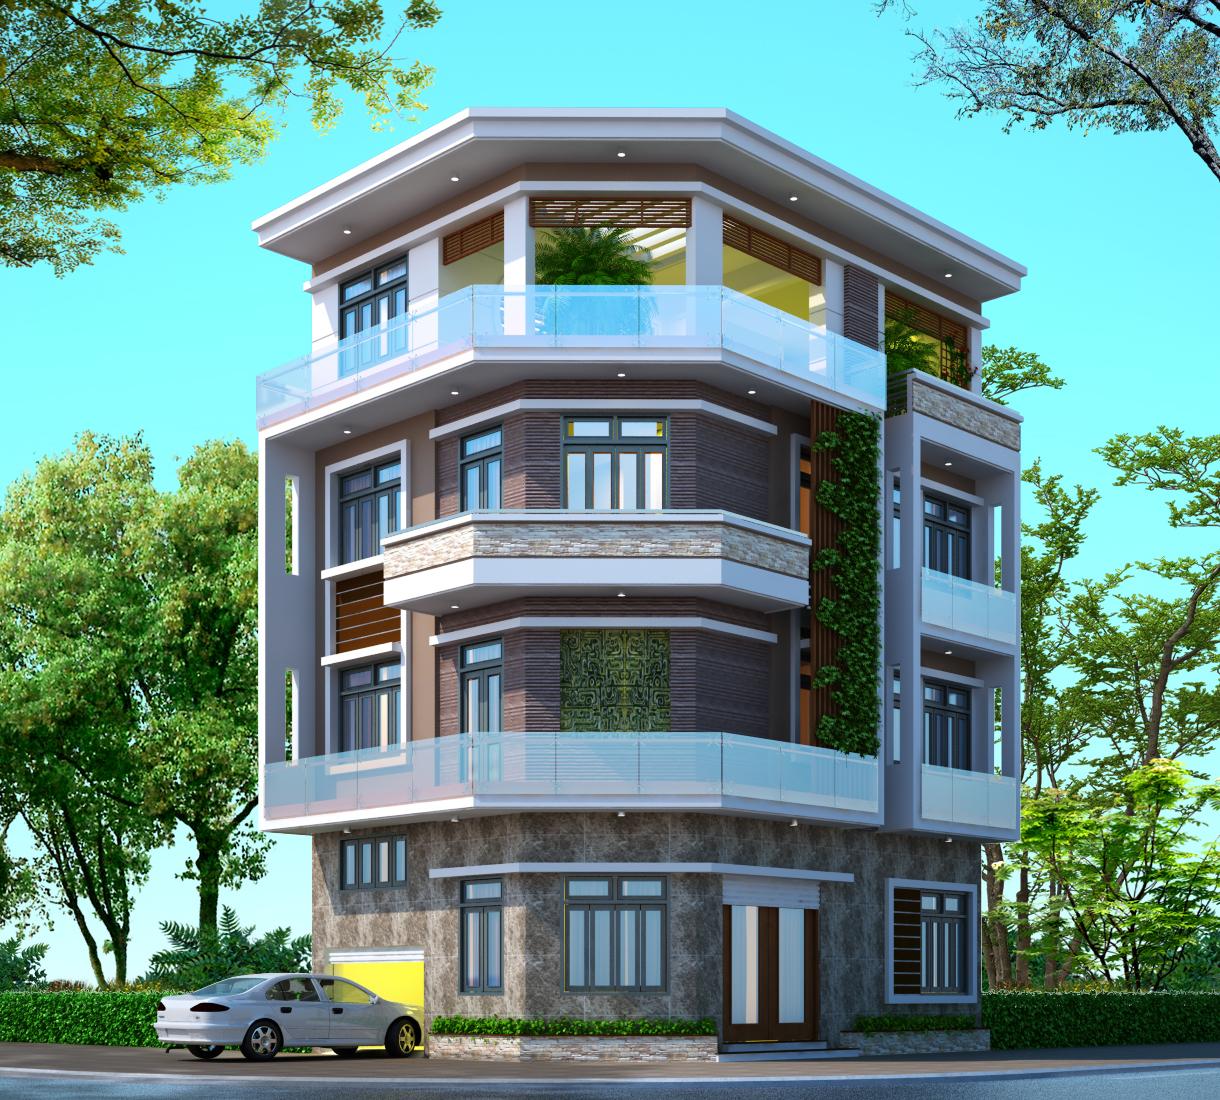 Ngôi nhà lô góc sẽ rất dễ lấy gió, ánh sáng hơn những ngôi nhà có 1 mặt tiền khác